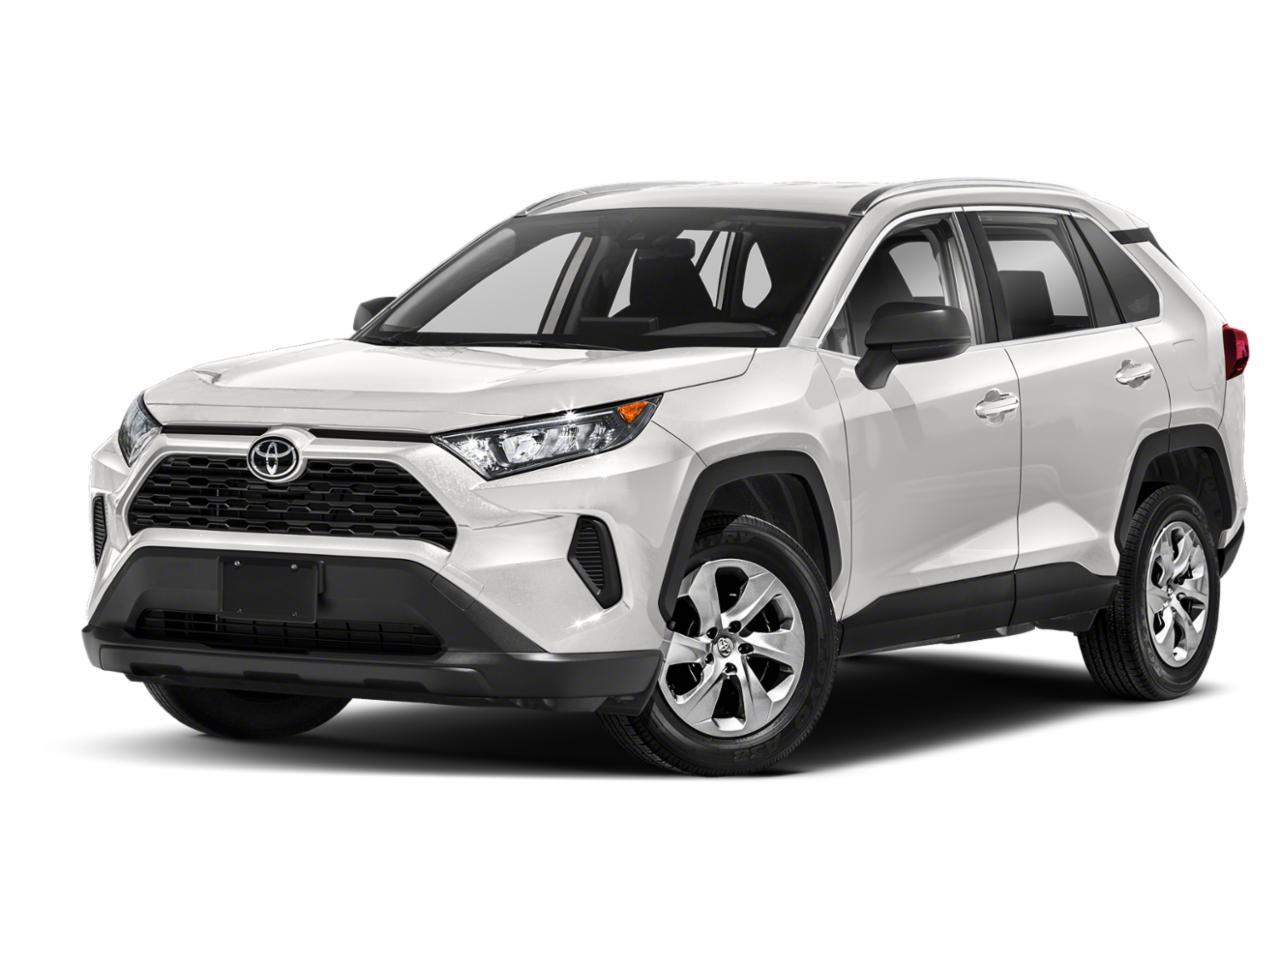 2019 Toyota RAV4 Vehicle Photo in GREENSBORO, NC 27405-6904